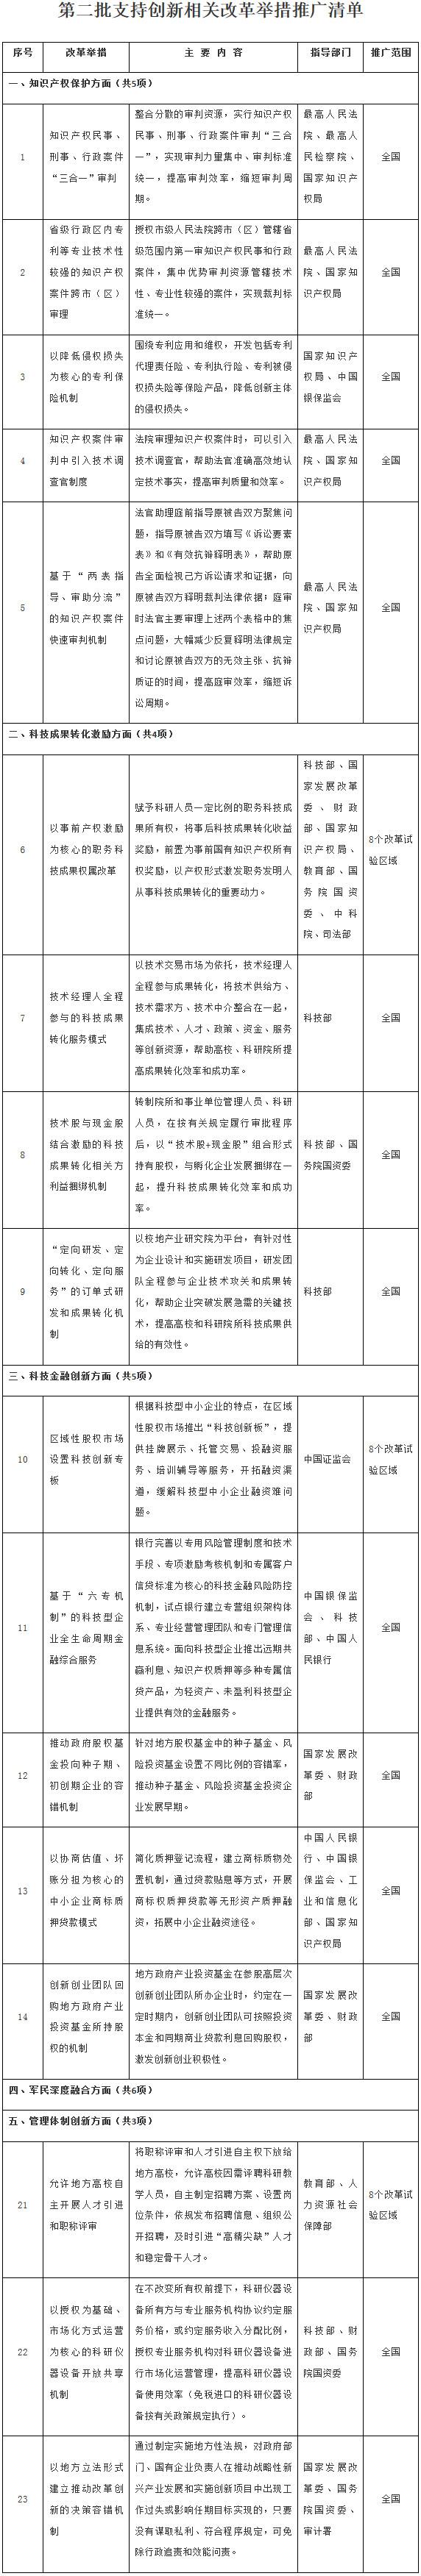 国办发〔2018〕126号《国务院办公厅关于推广第二批支持创新相关改革举措的通知》